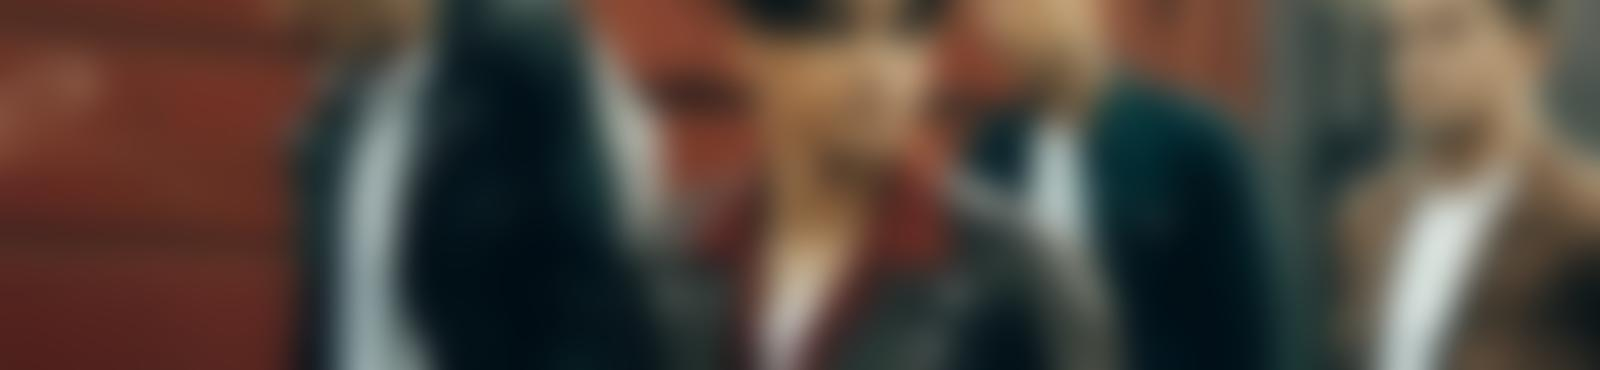 Blurred d28b4503 c775 420b af9f 96ab689ae3be